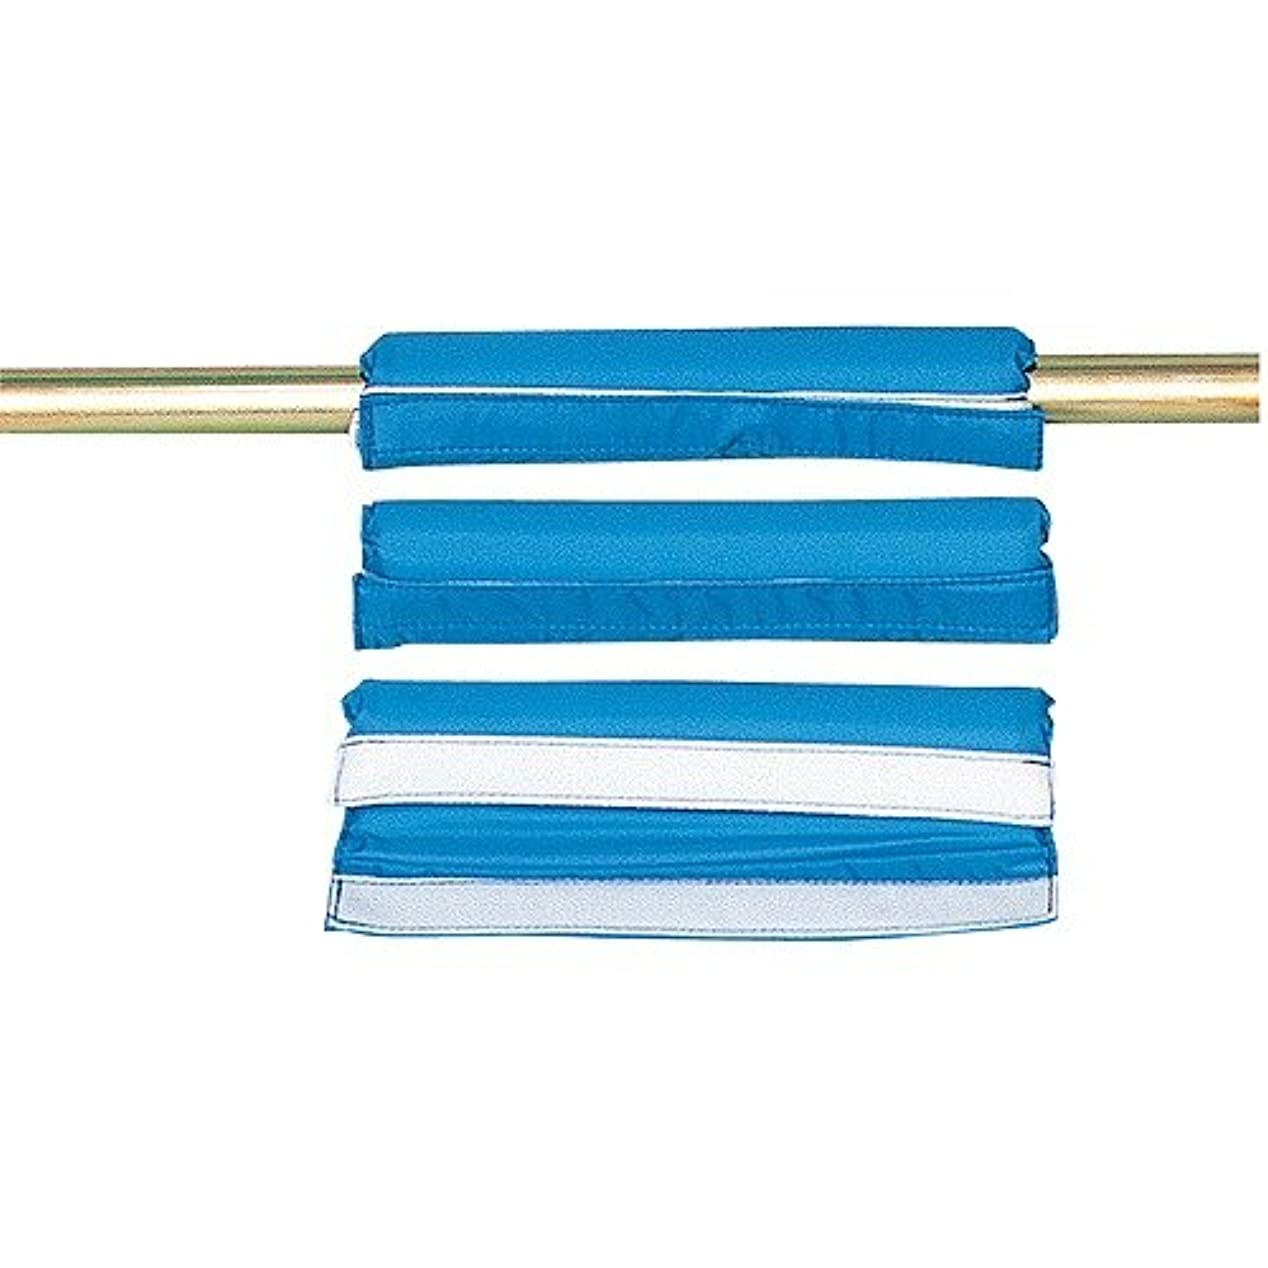 ソケットおばさん収縮会龍企業 鉄棒サポートパット S 8個 ブルー